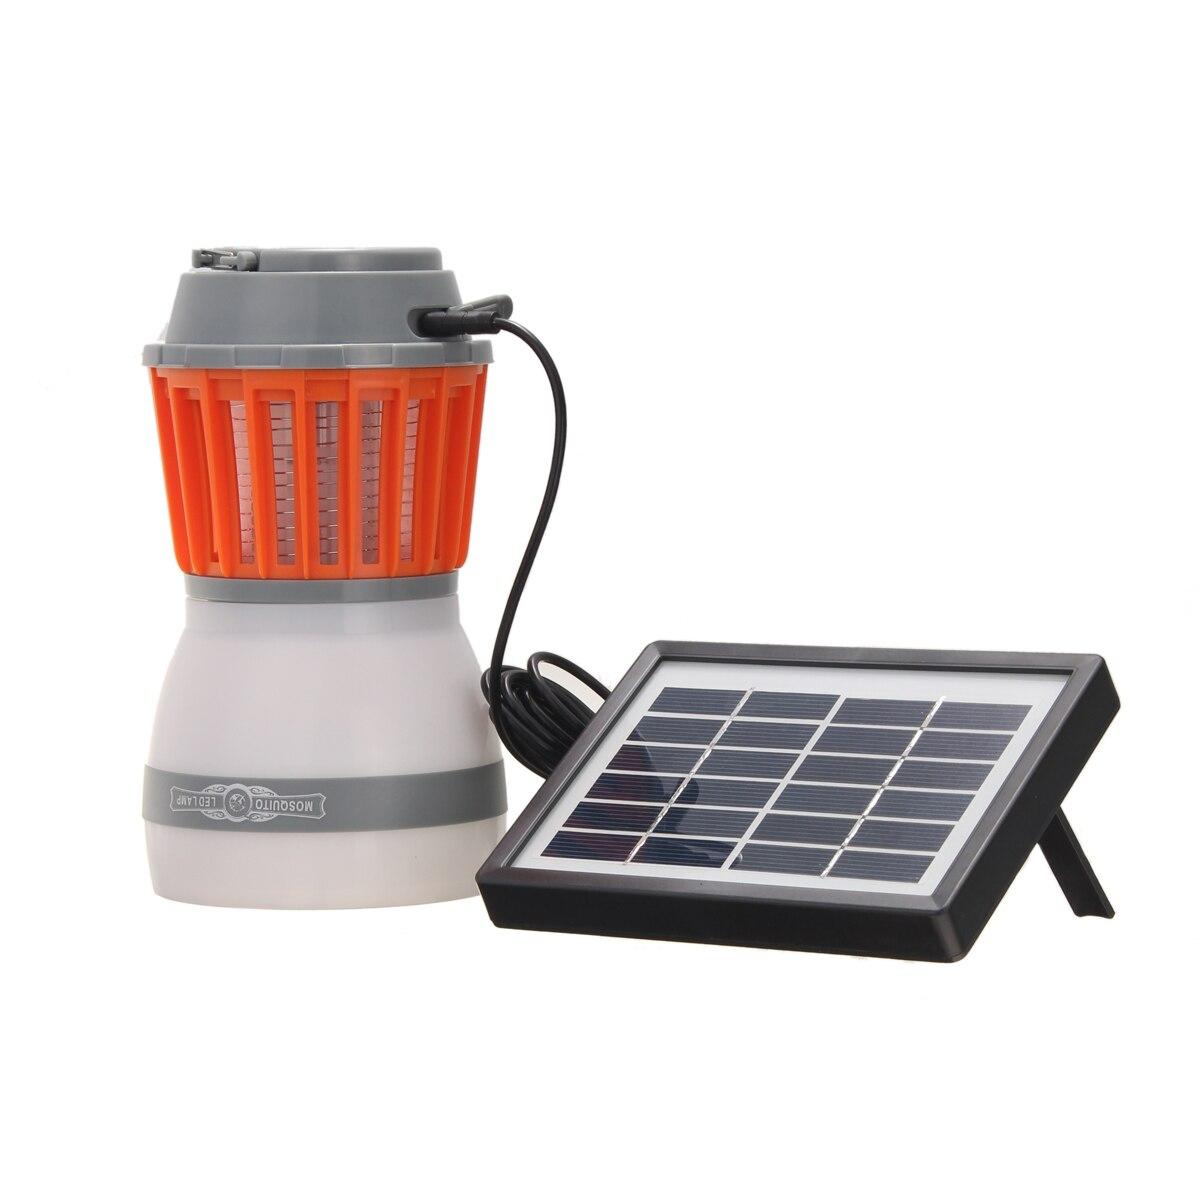 2 en 1 DC portátil 5 V lámpara del asesino del Mosquito con el Panel Solar USB carga LED asesino del Mosquito luz que acampa al aire libre